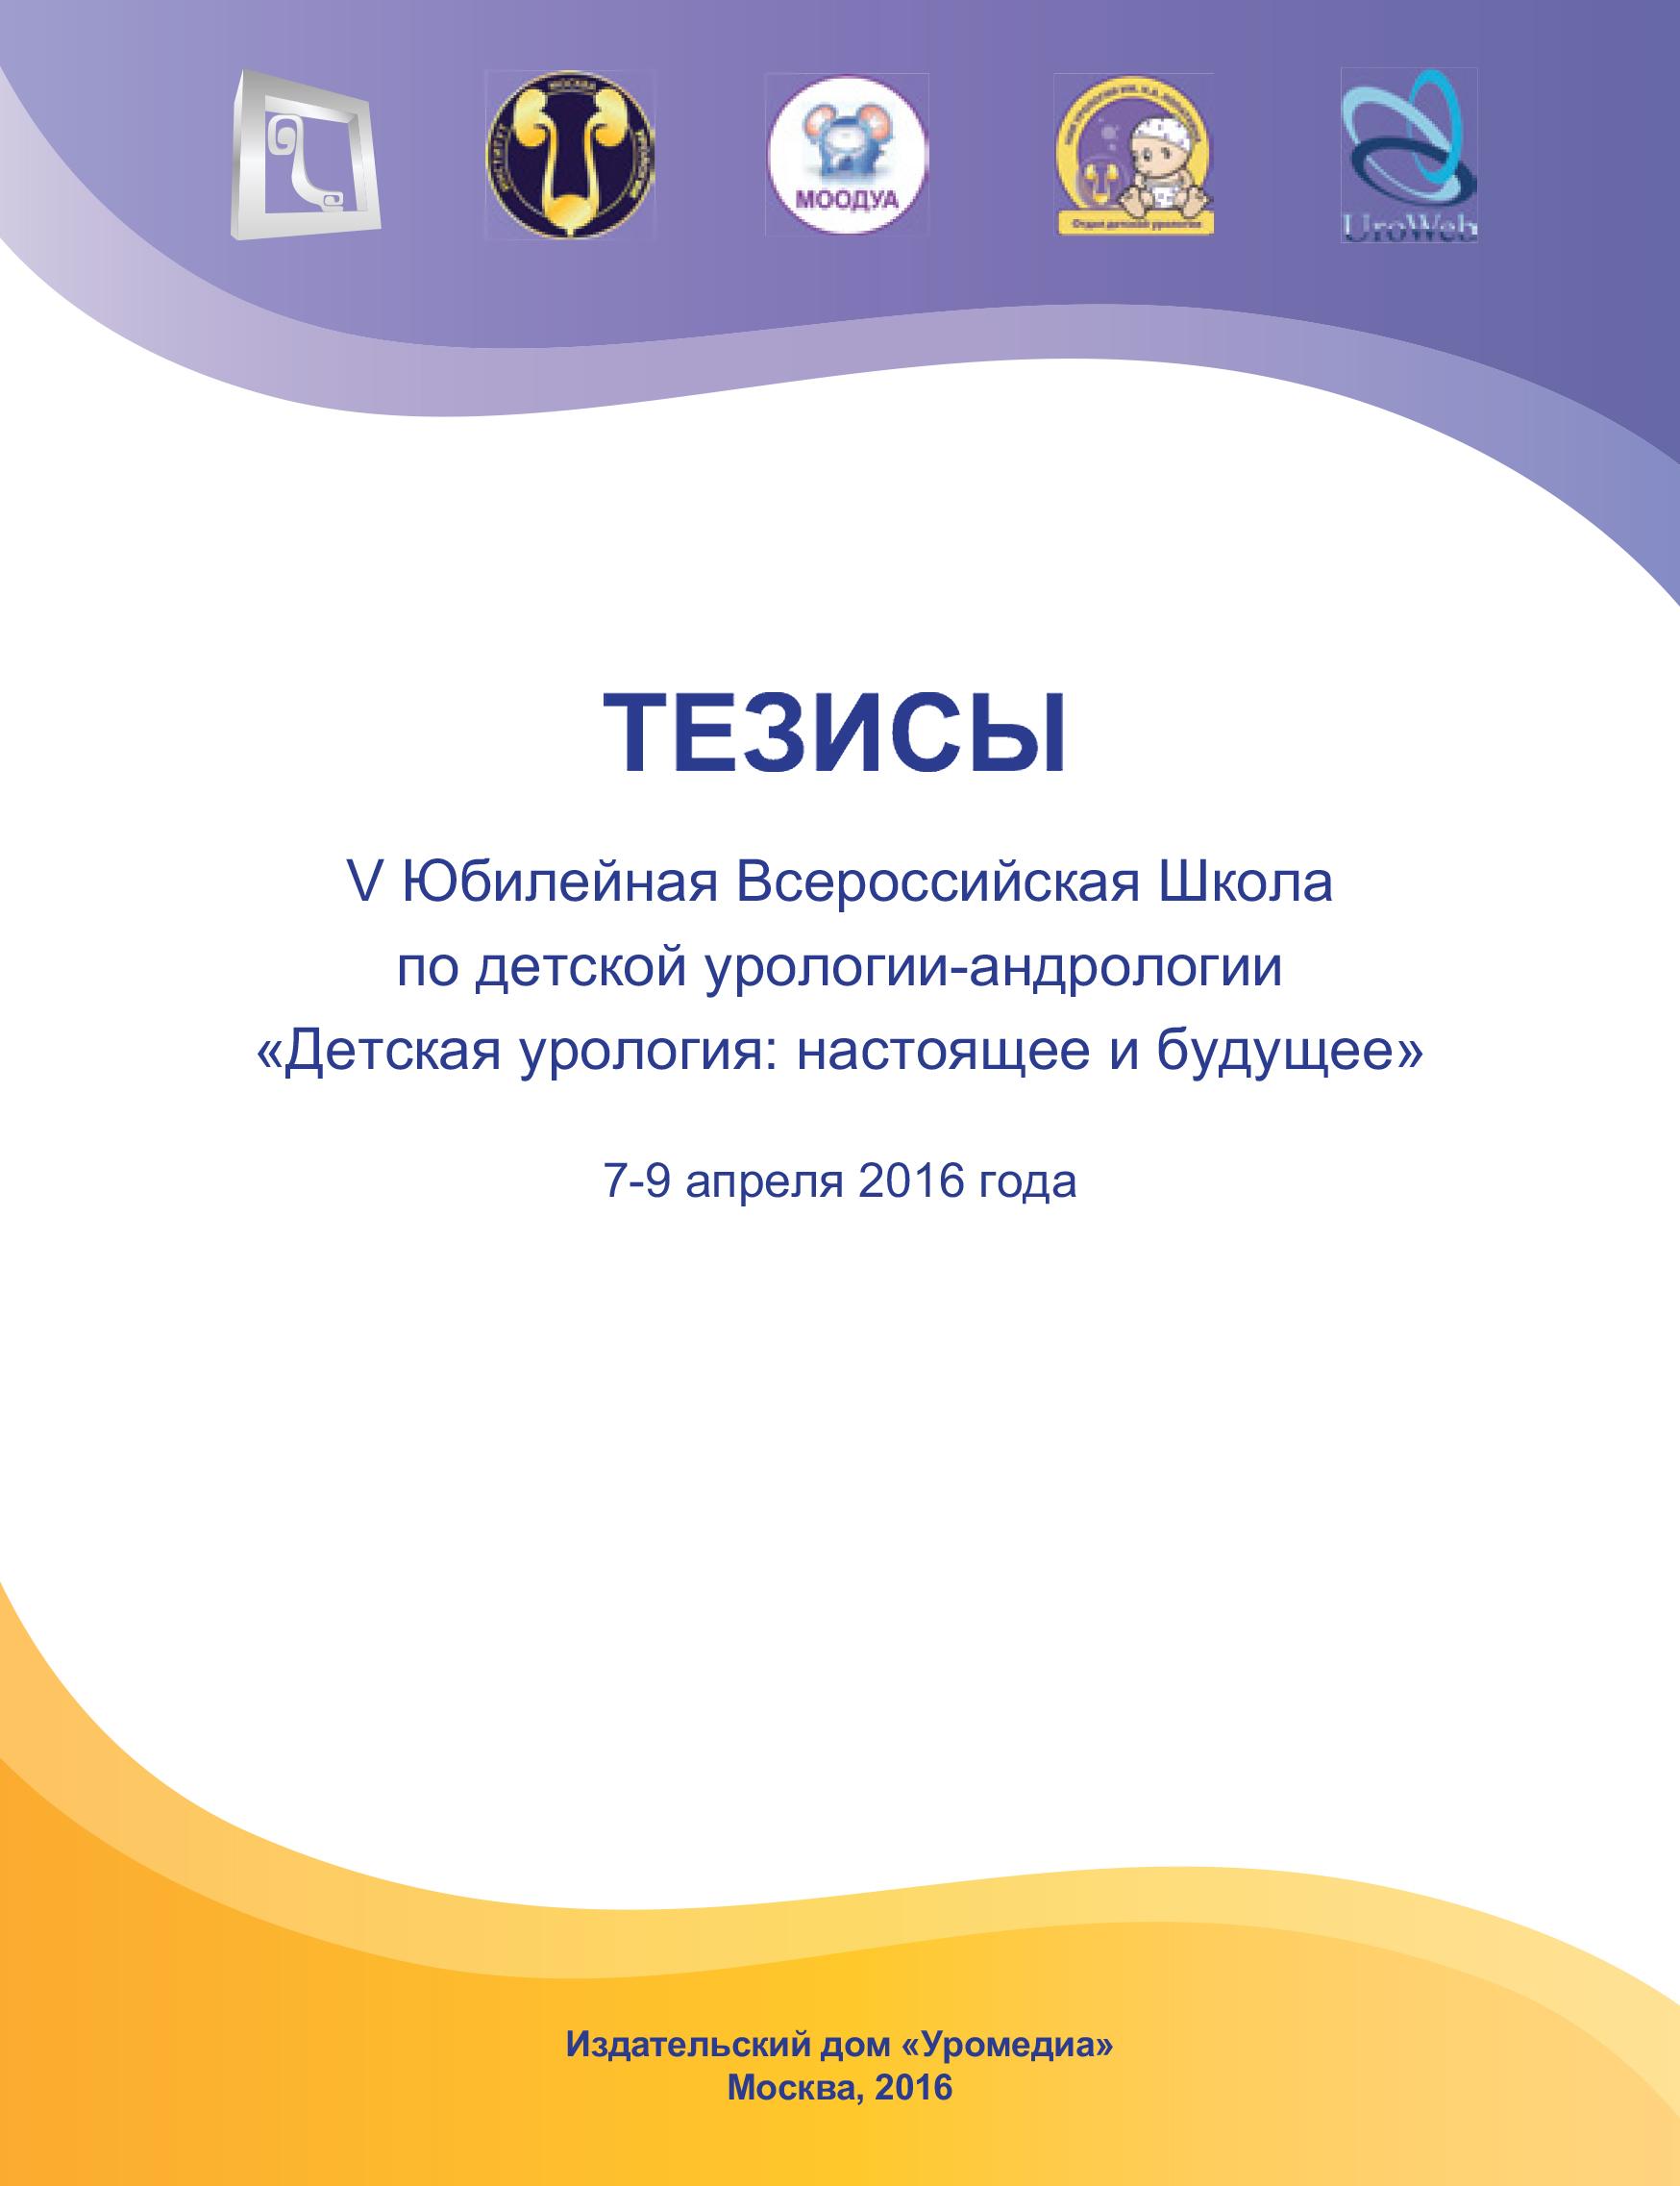 Литолапаксия